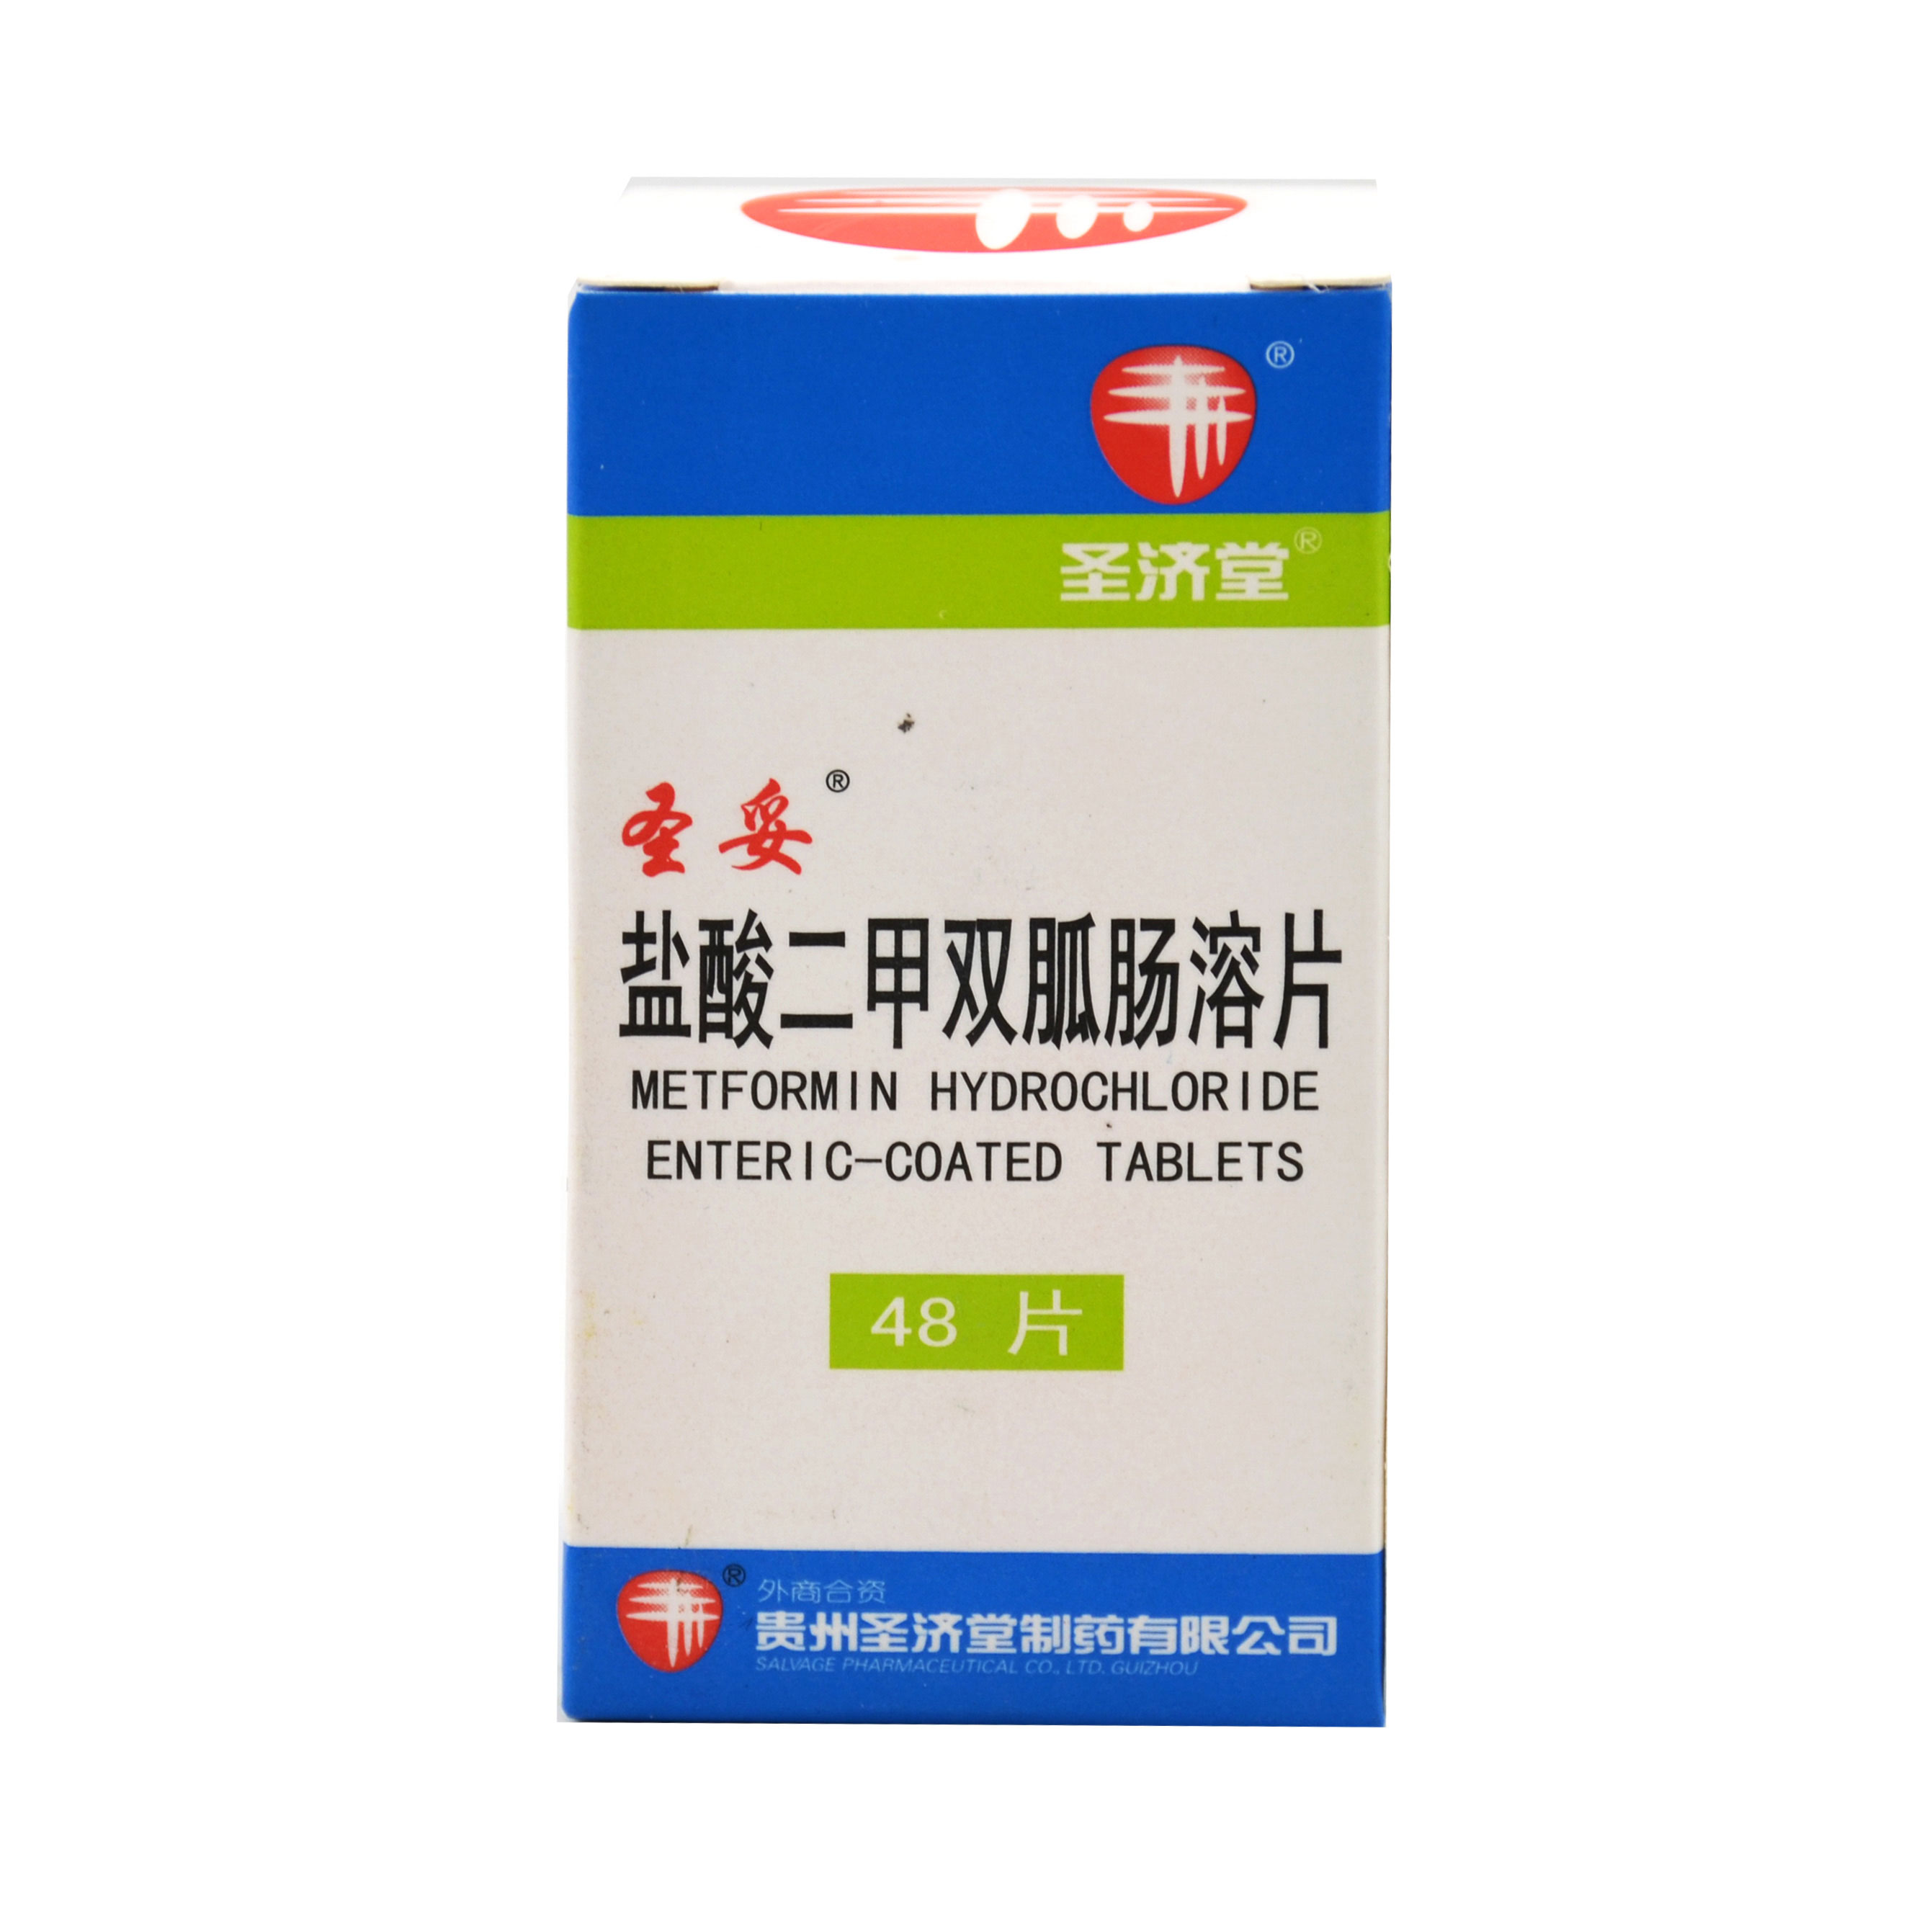 【圣妥】 盐酸二甲双胍肠溶片 (0.25克 48片装)-贵州圣济堂制药